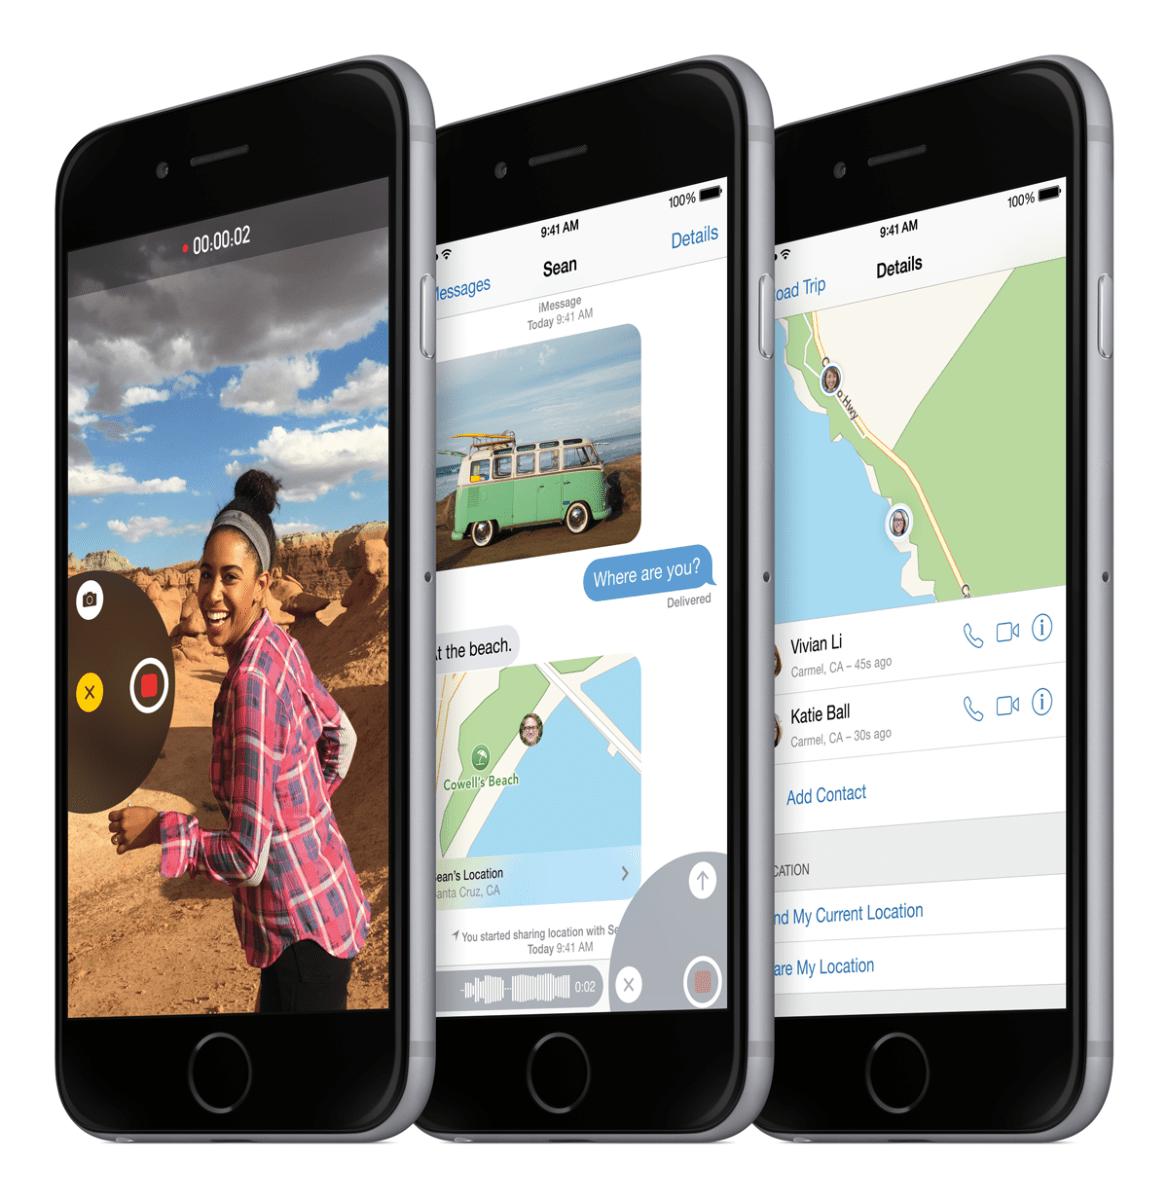 iPhone6_34FR_SpGry_3-Up_iOS8-PRINT Apple präsentierte am Dienstag seine Neuheiten | Was Sie darüber wissen sollten... Freizeit News Technik & Gadgets Apple apple pay apple watch iphone iPhone 6 iphone plus |Presse Augsburg